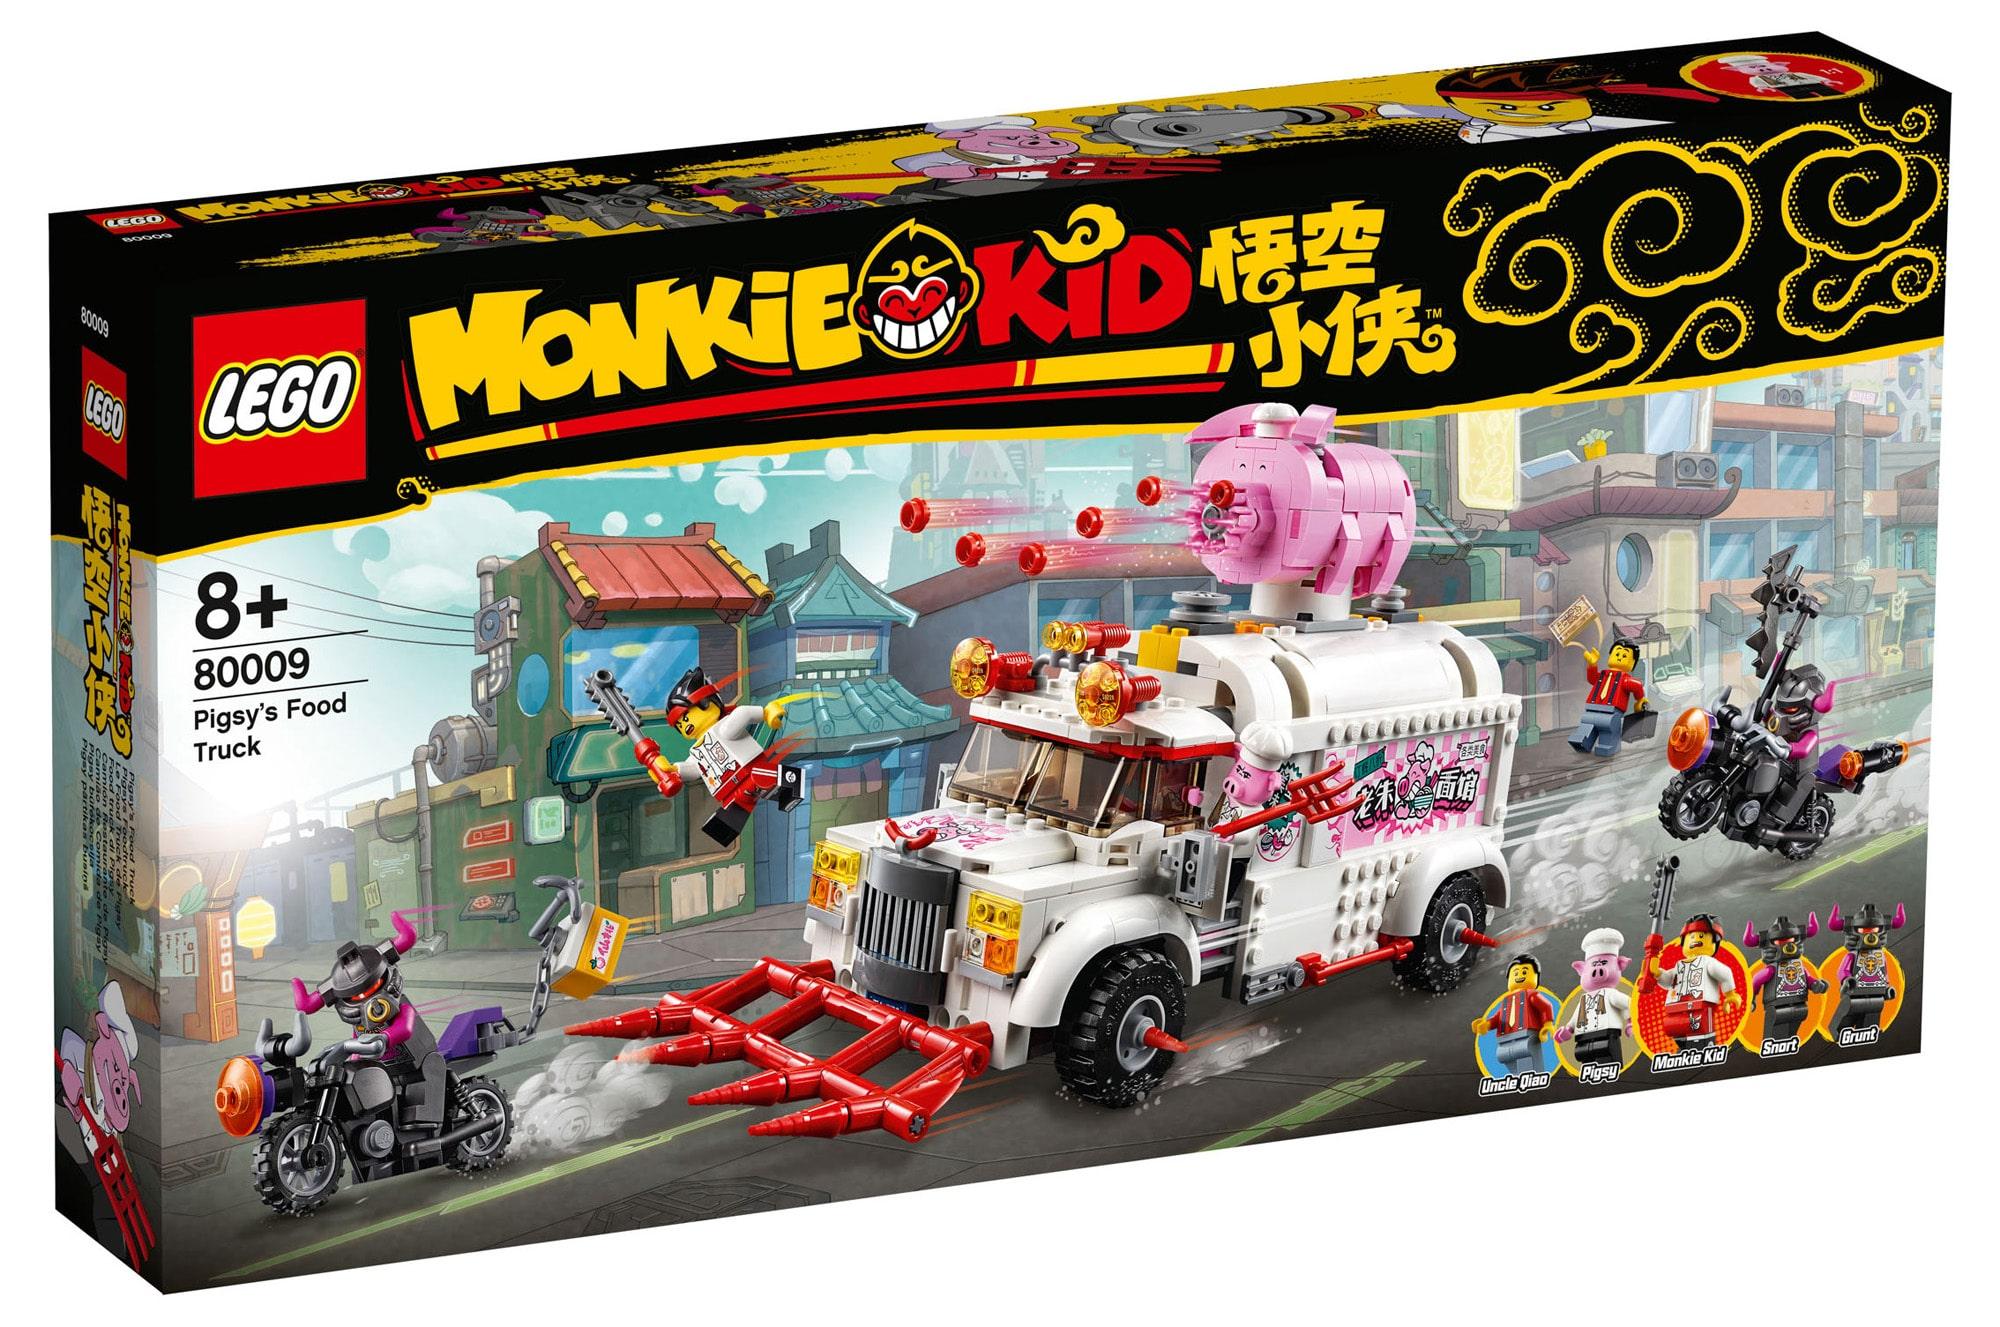 LEGO Monkie Kid 80009 Pigsys Food Truck